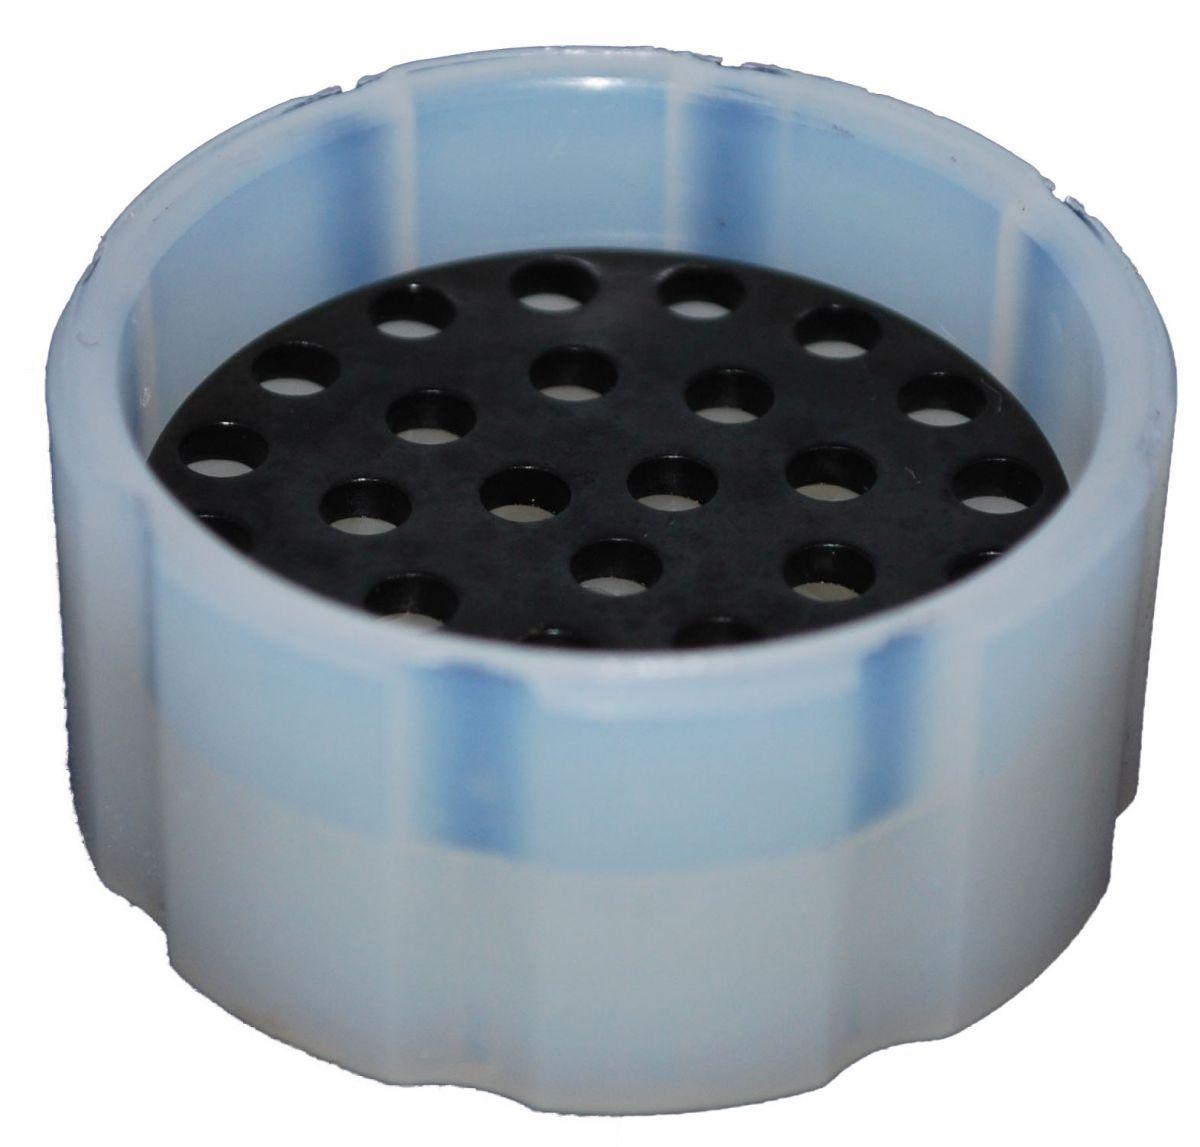 von arx 34 serie naaldenhouder 2mm